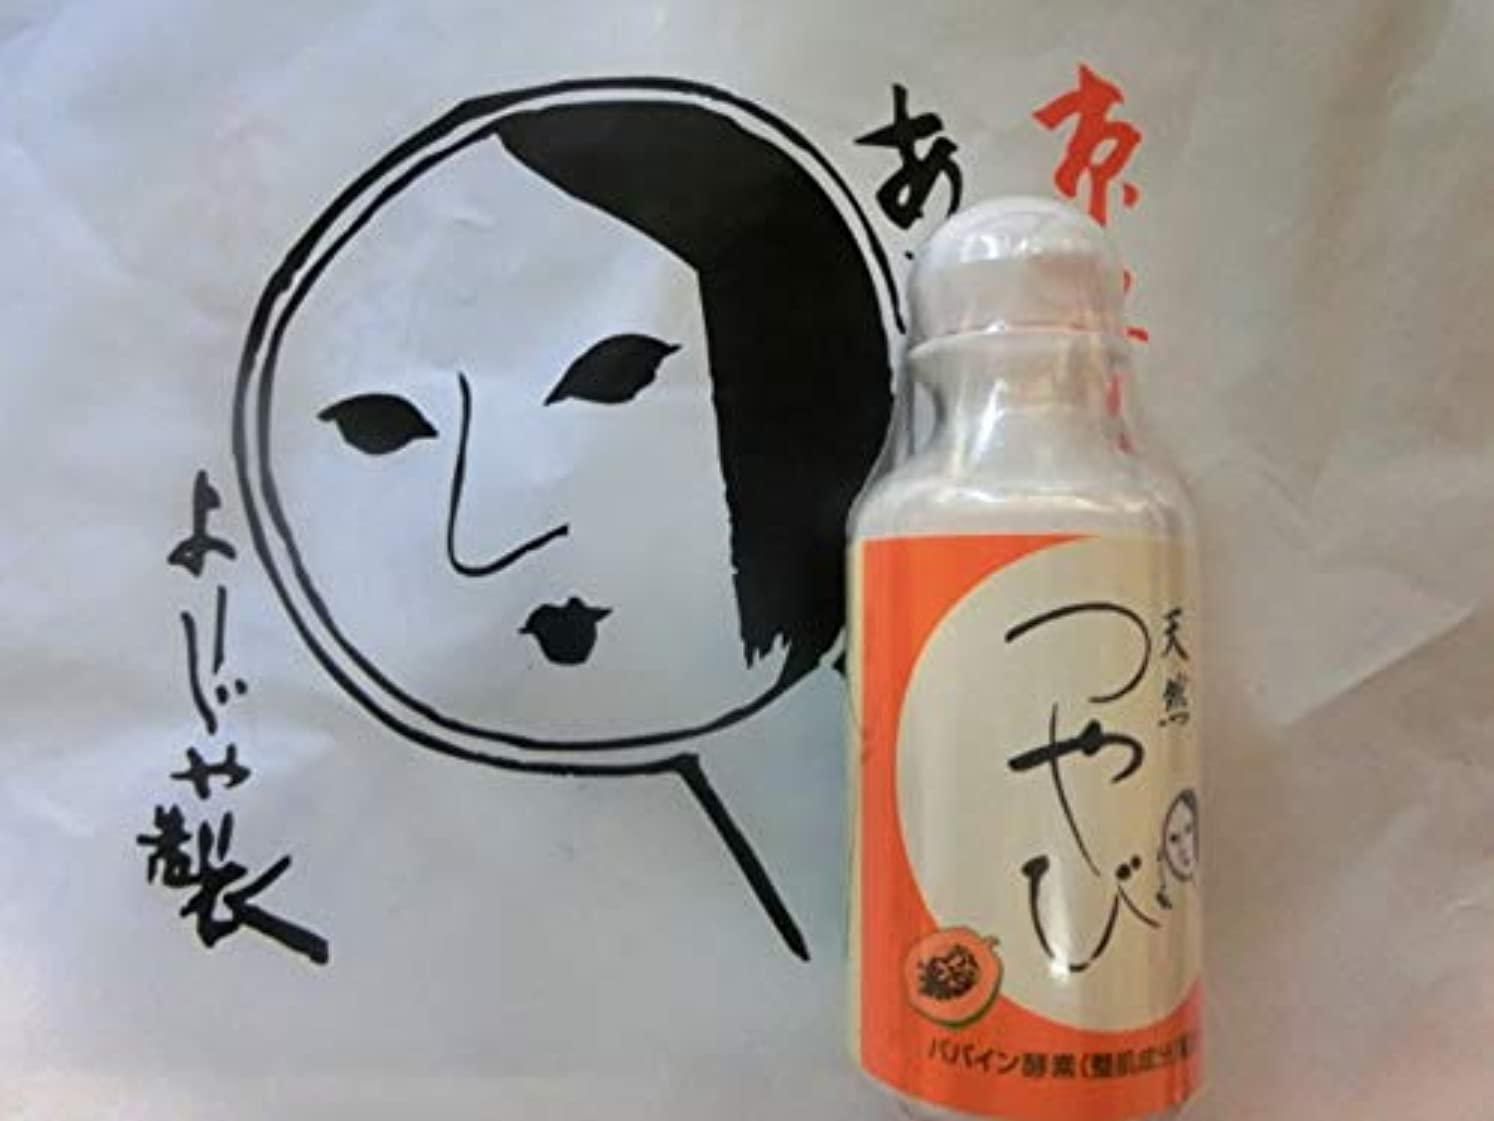 提供する好みシダよーじや 酵素洗顔料 つやび 45g